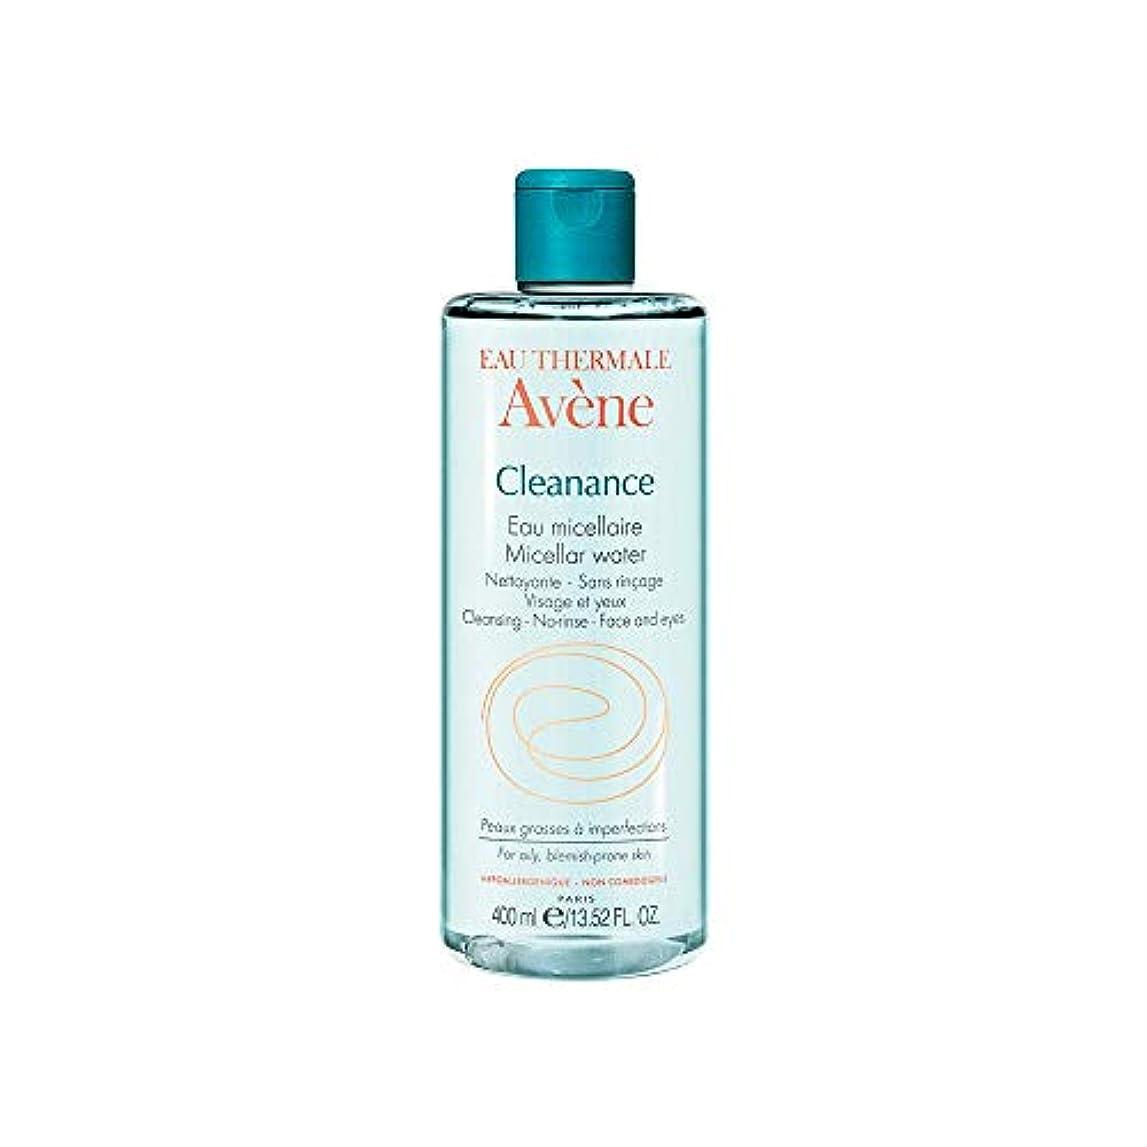 小石寛容レジアベンヌ Cleanance Micellar Water (For Face & Eyes) - For Oily, Blemish-Prone Skin 400ml/13.52oz並行輸入品